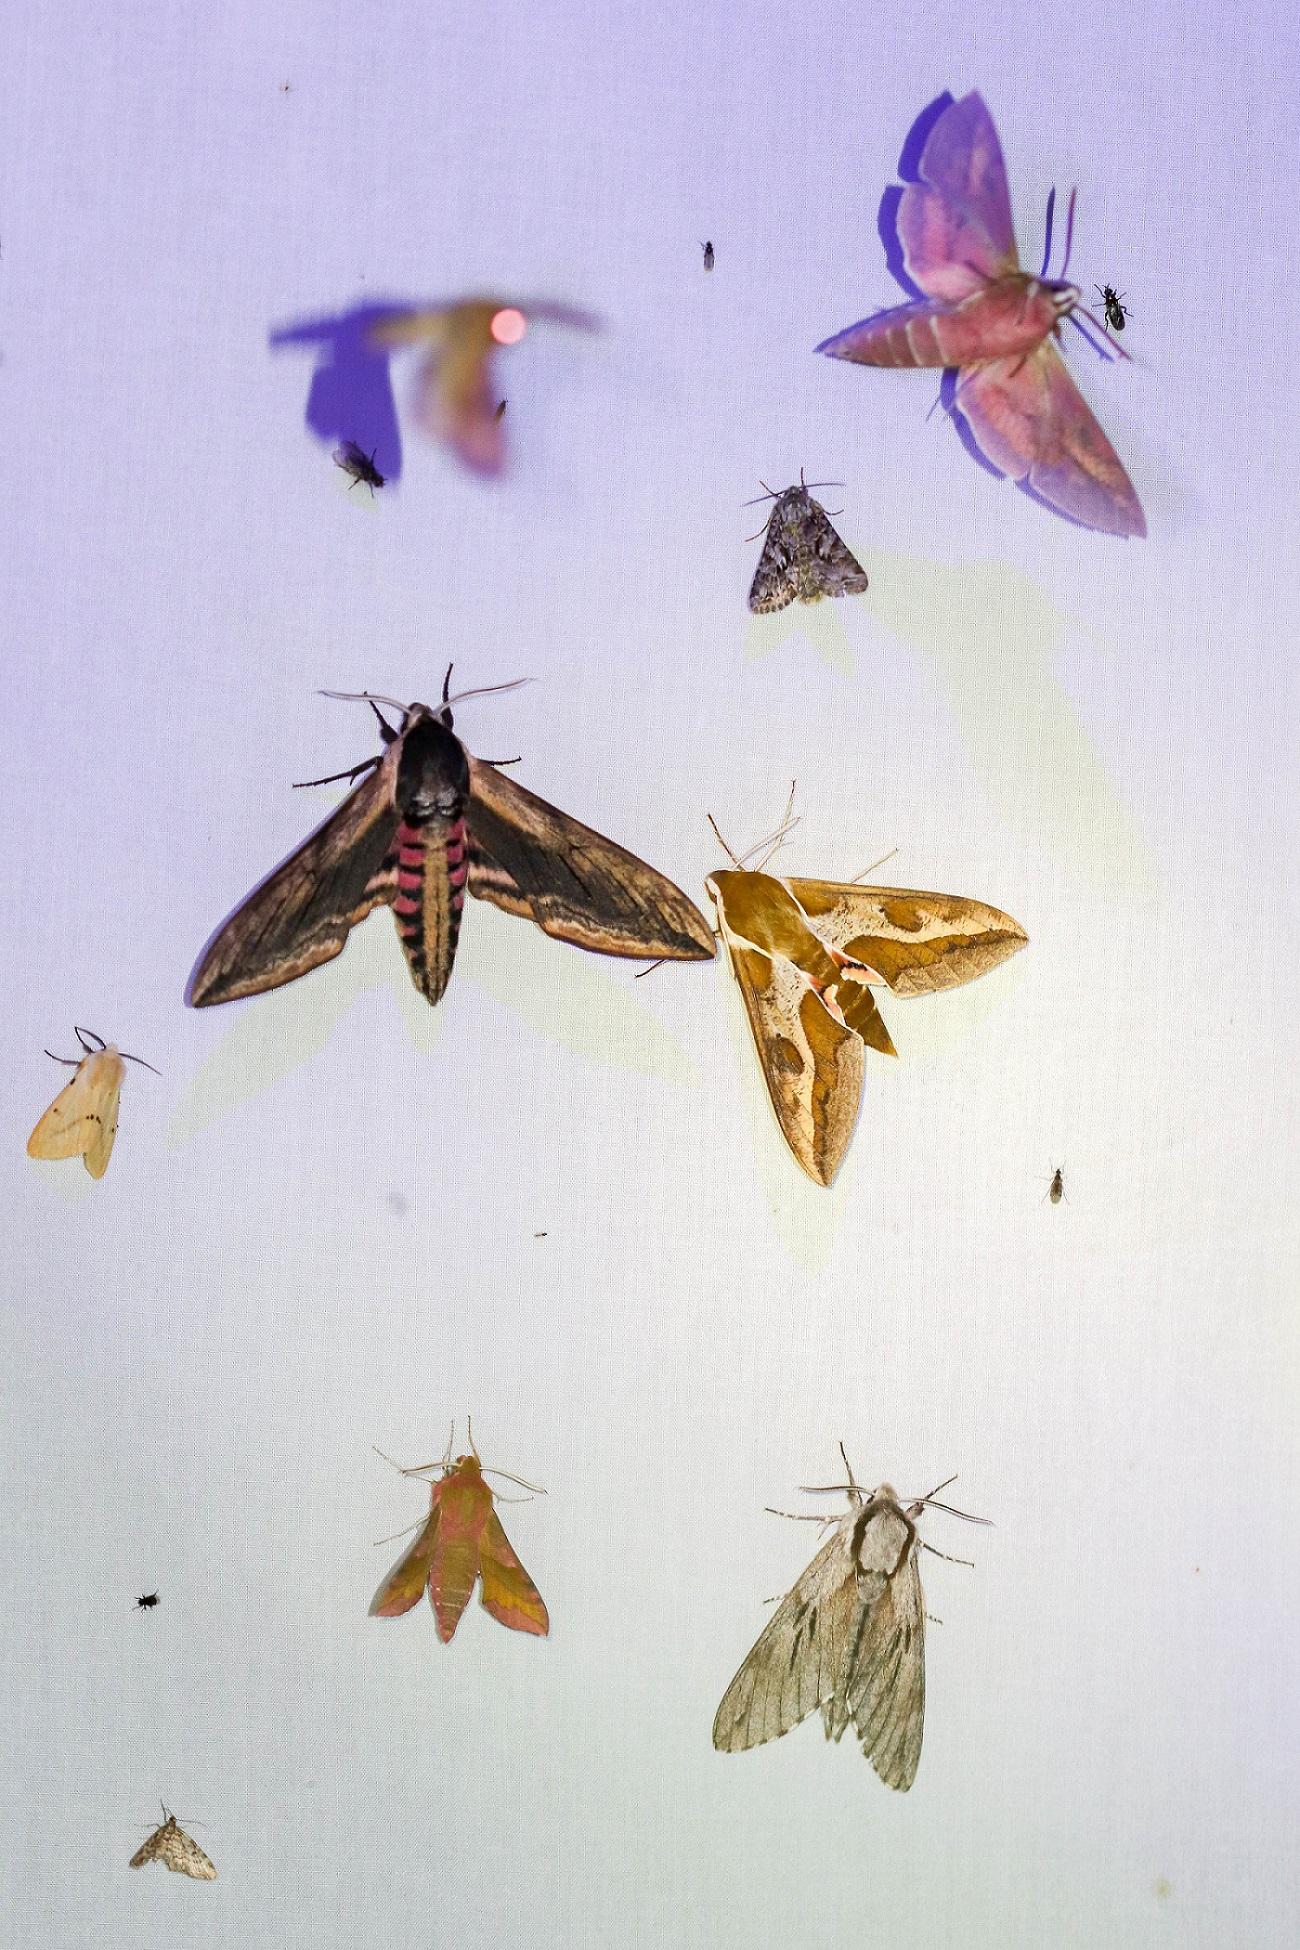 Die Vielfalt der Arten erreichte ihren Höhepunkt um 1.30 Uhr morgens